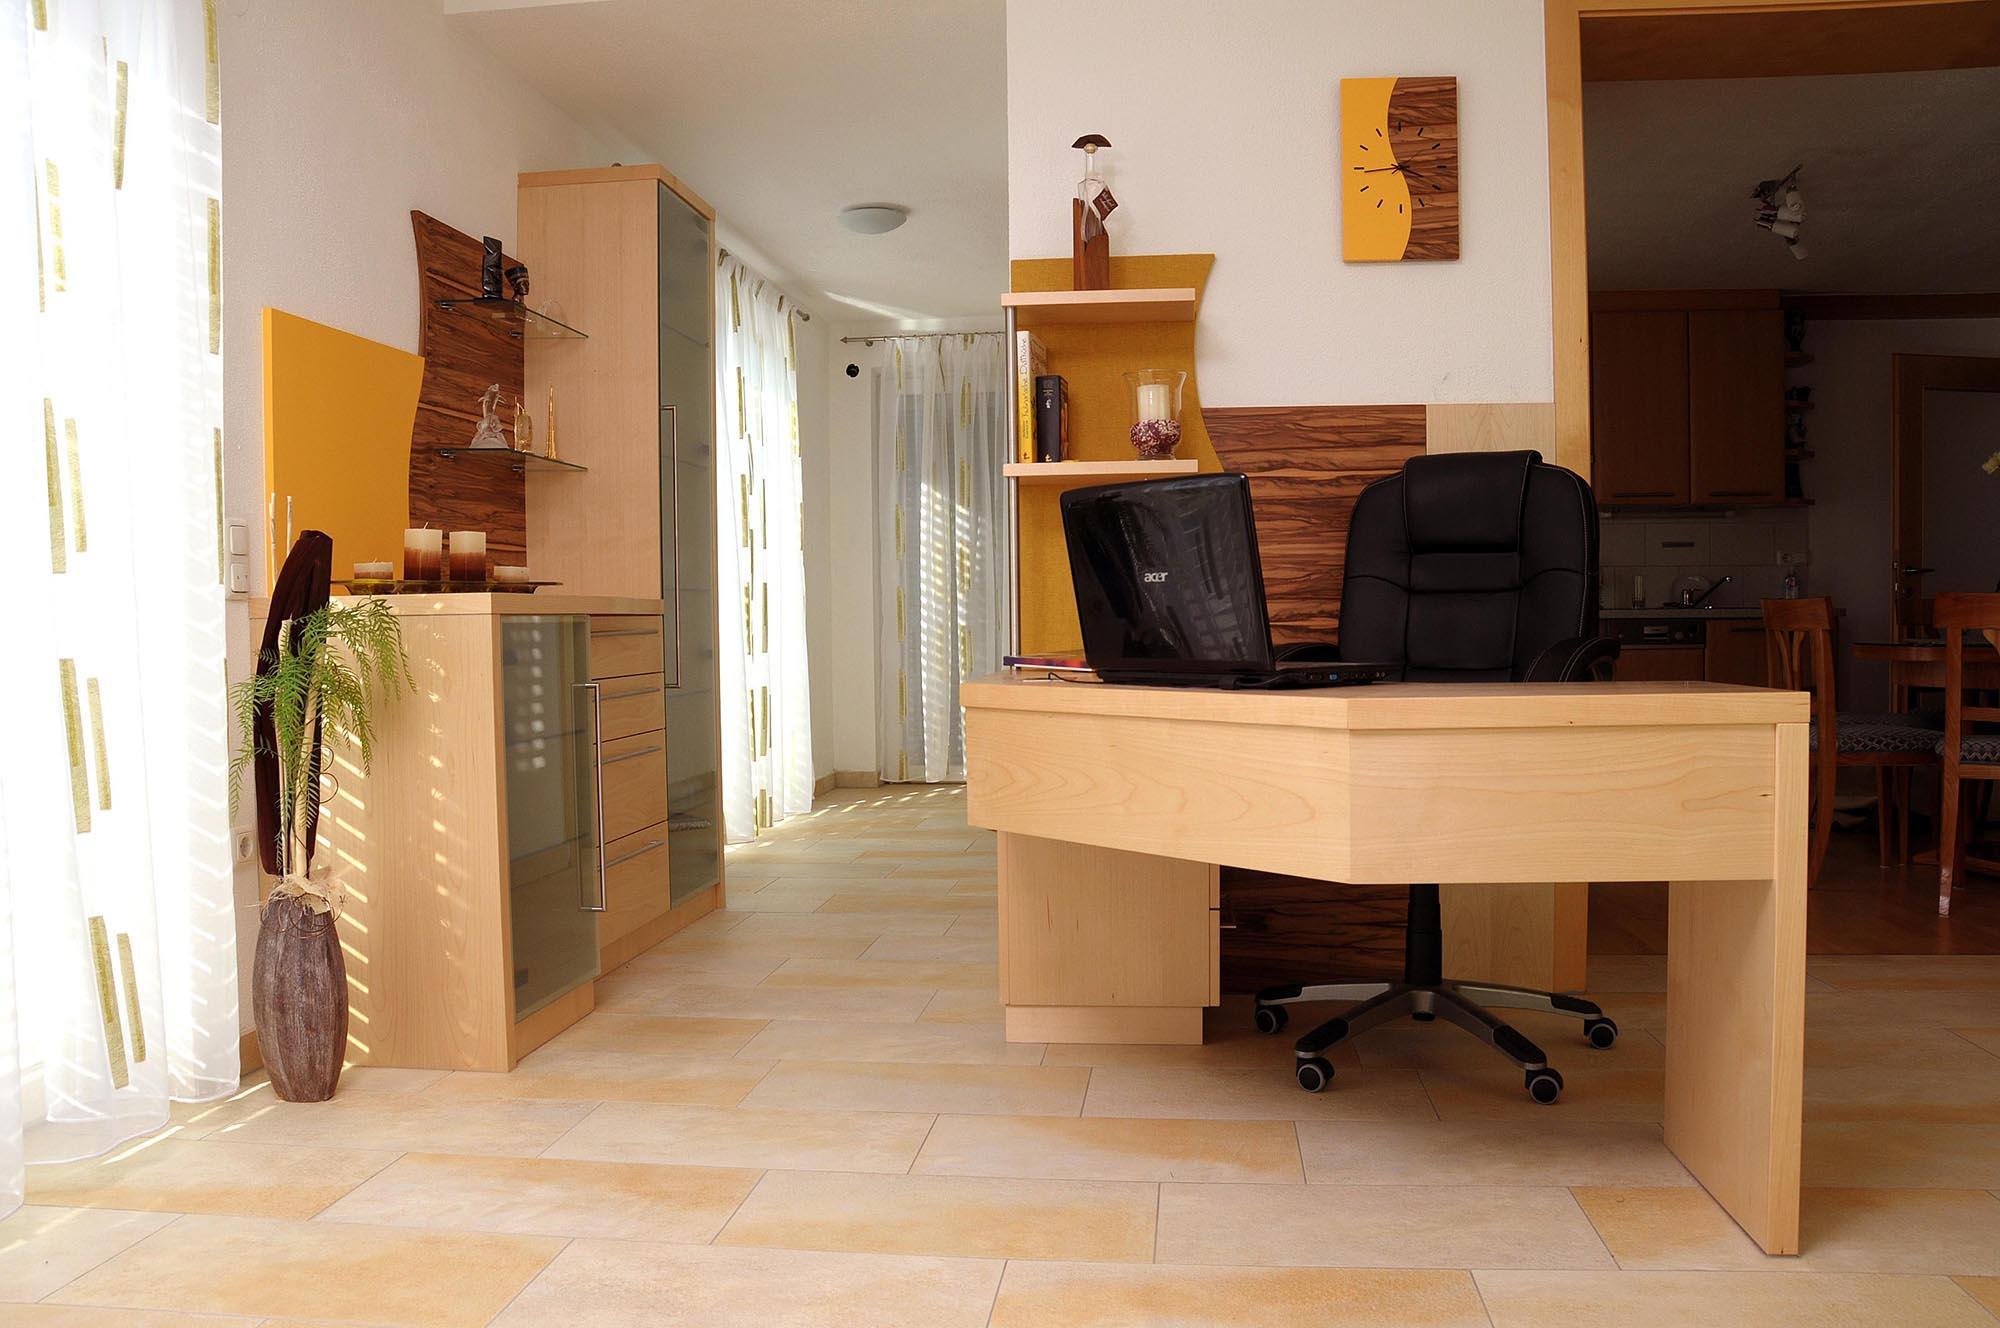 Wohnideen Büro Im Wohnzimmer wohnzimmer mit büro thurnerschlag pröll wohnideen